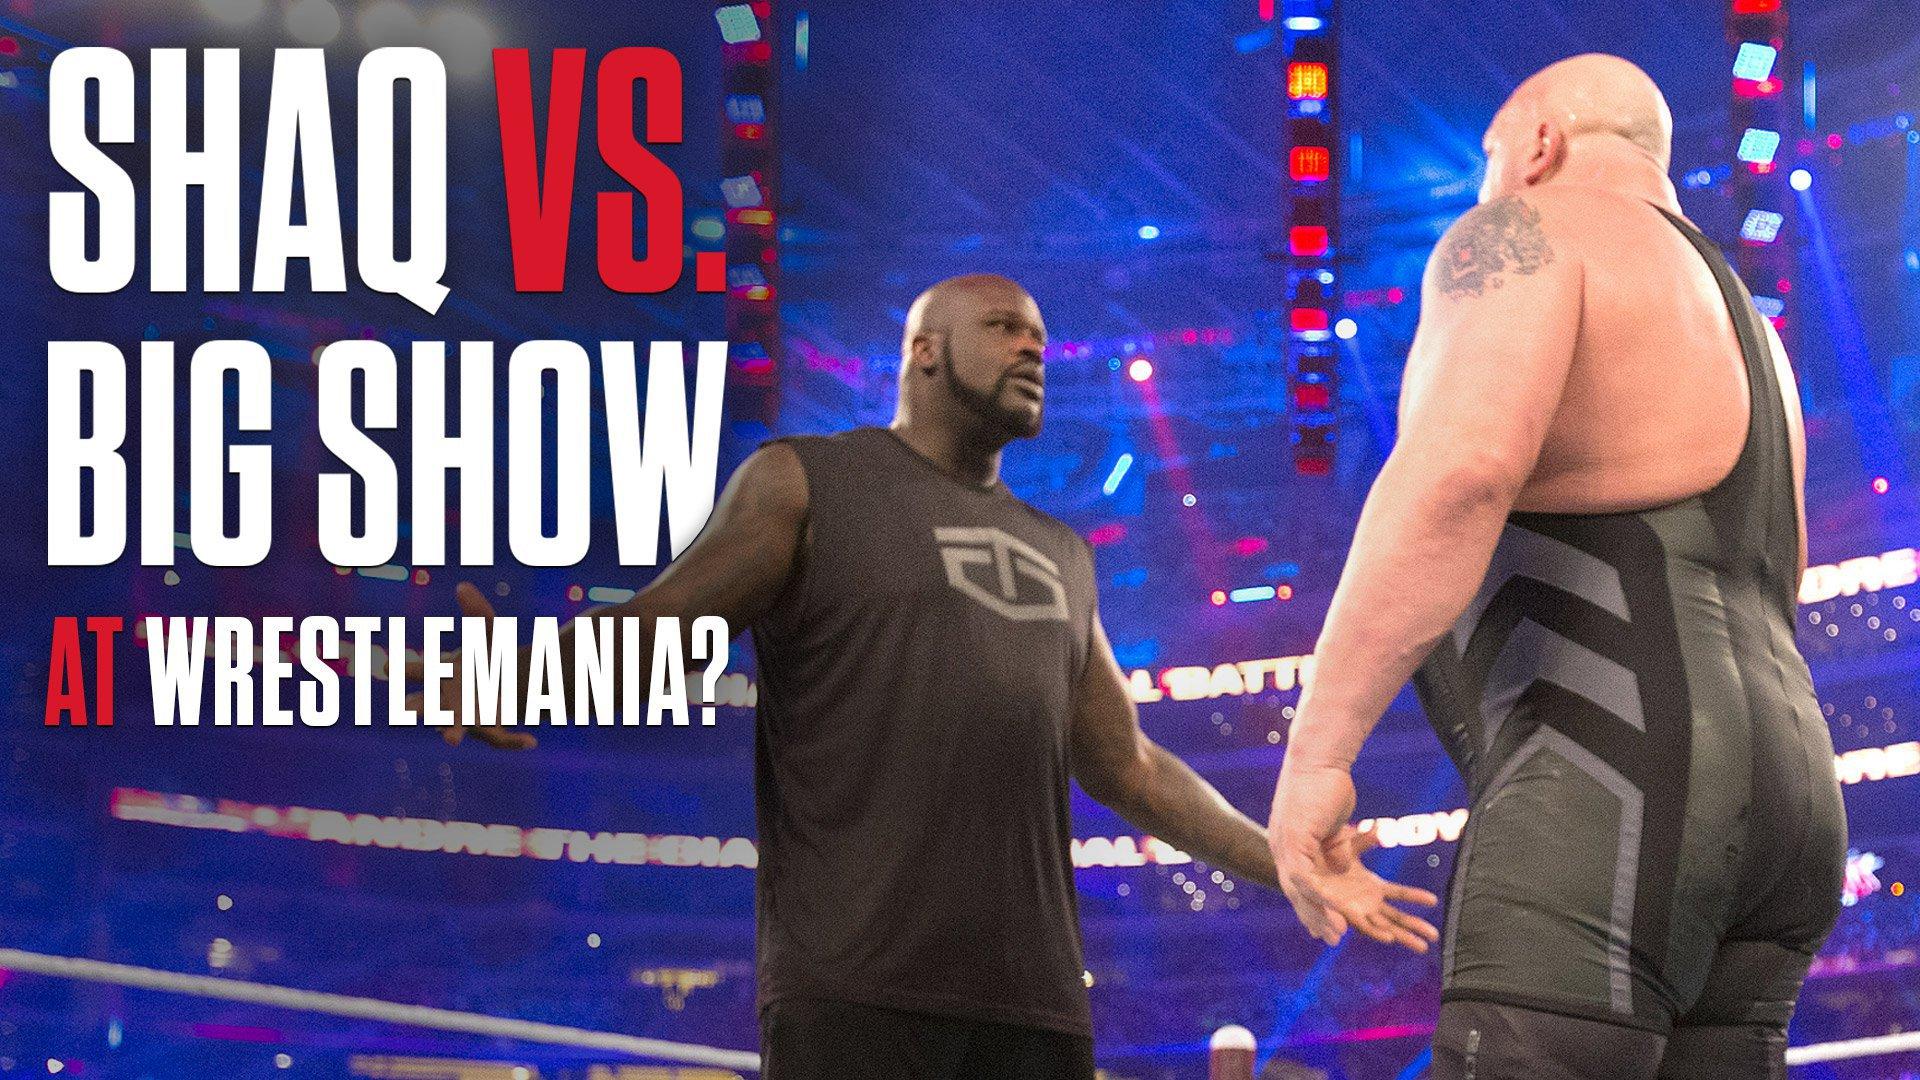 Big Show vs. Shaq na WrestleManii 33?